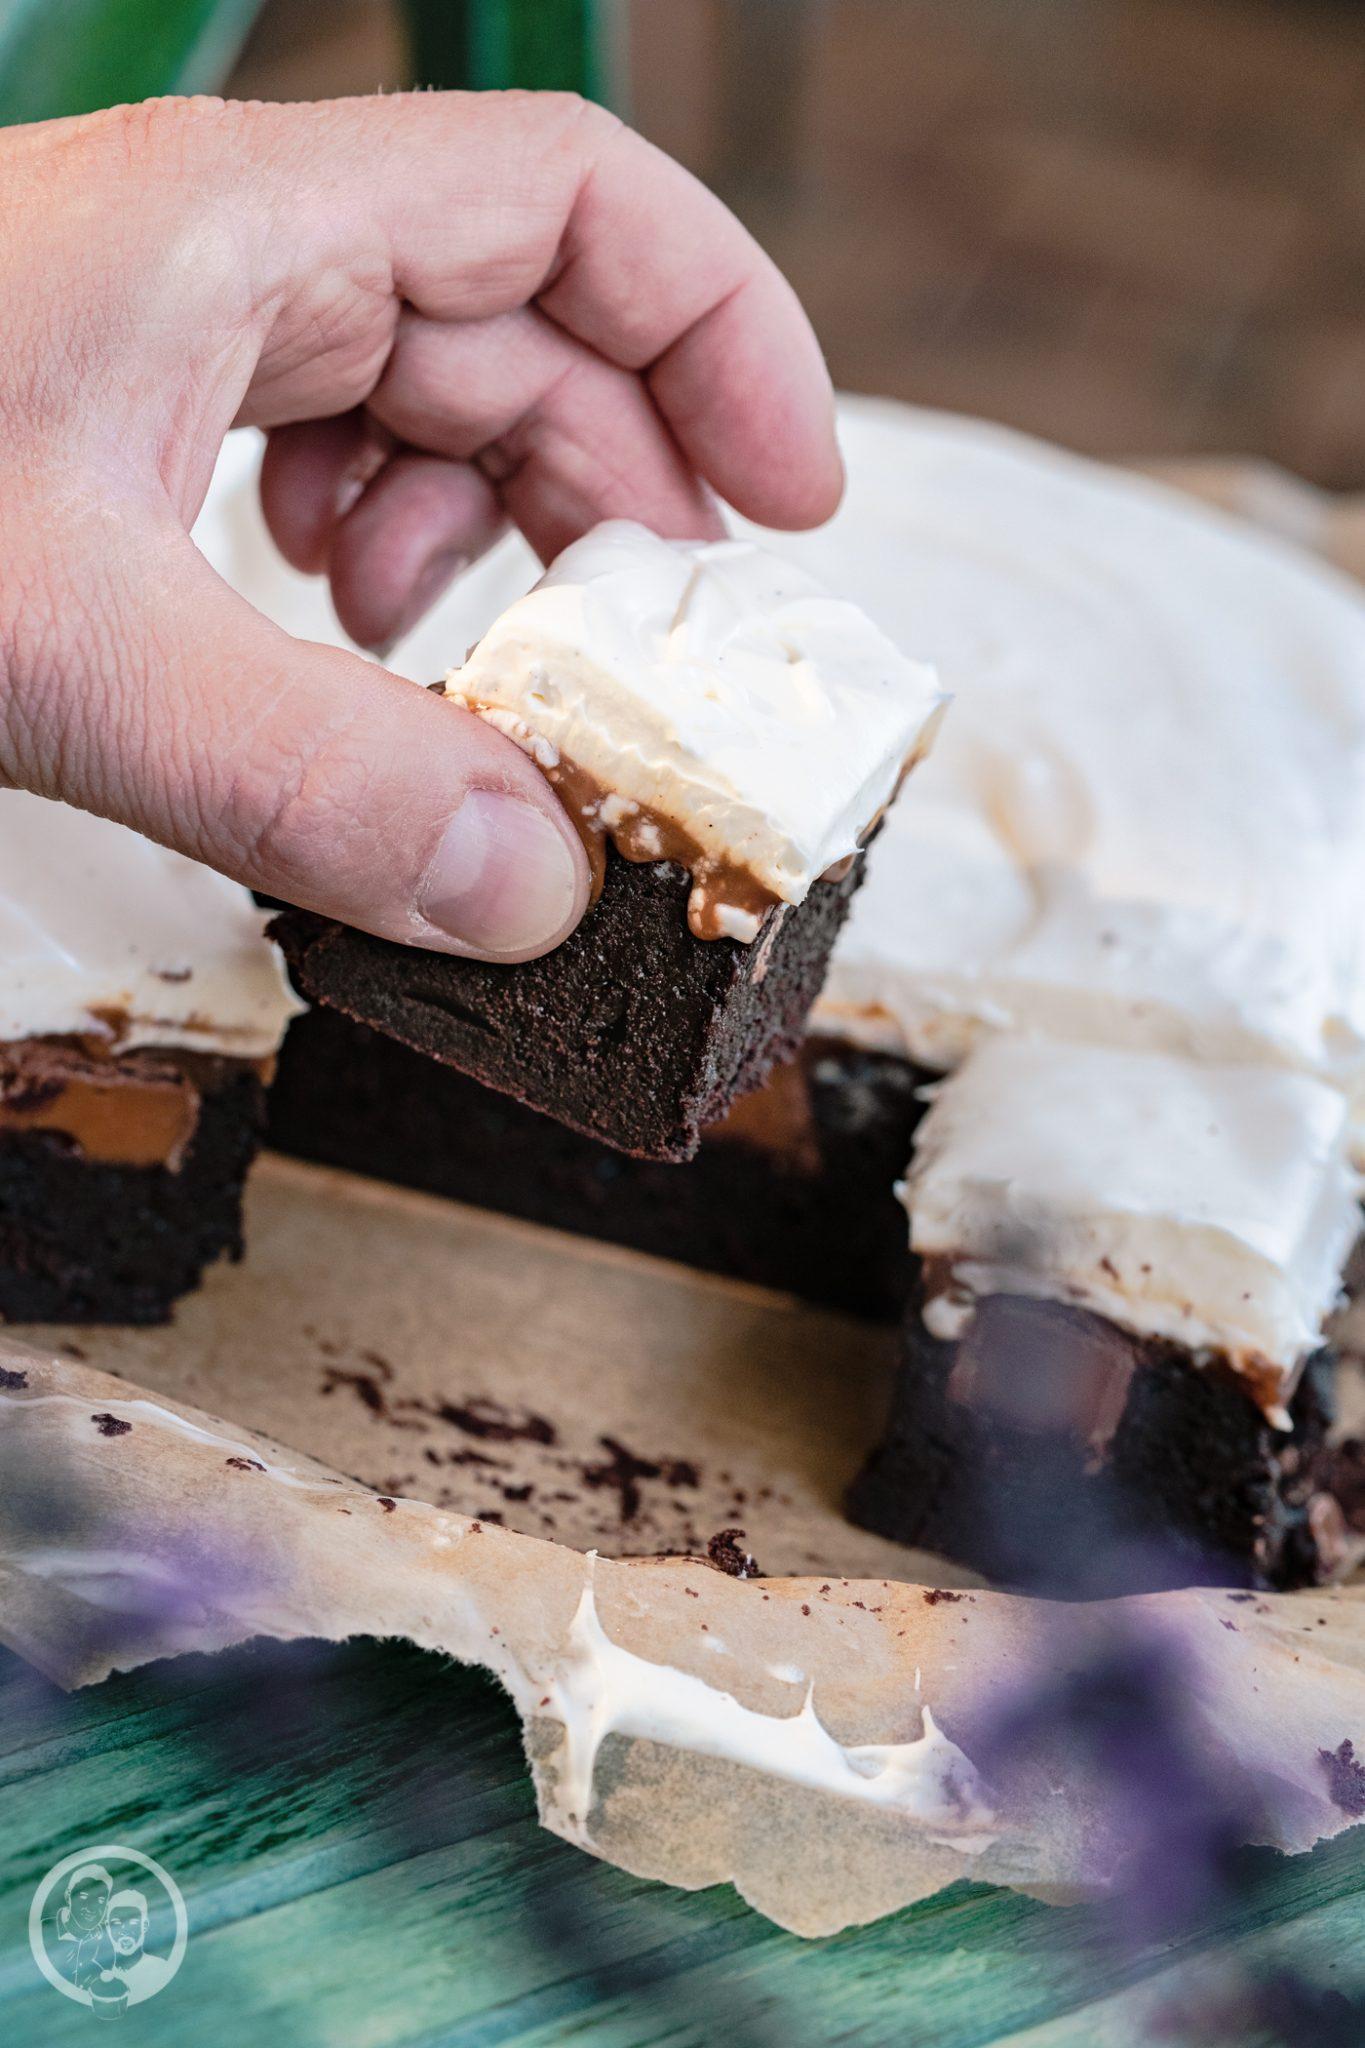 Karamell Brownie Mascrapone 3 | Wir haben euch ja schon im Rezept zu unseren Walnuss-Ahornsirup-Schnecken erzählte, dass wir für den Geburtstag von Karo, die Freundin meines Bruders, ordentlich gebacken haben. Jetzt verraten wir euch auch, was sie sich gewünscht hätte. Es sollte etwas Schokoladiges werden und mit Karamell, bitte. Daraus wurden dann diese Karamell-Brownies mit Mascarponecreme.